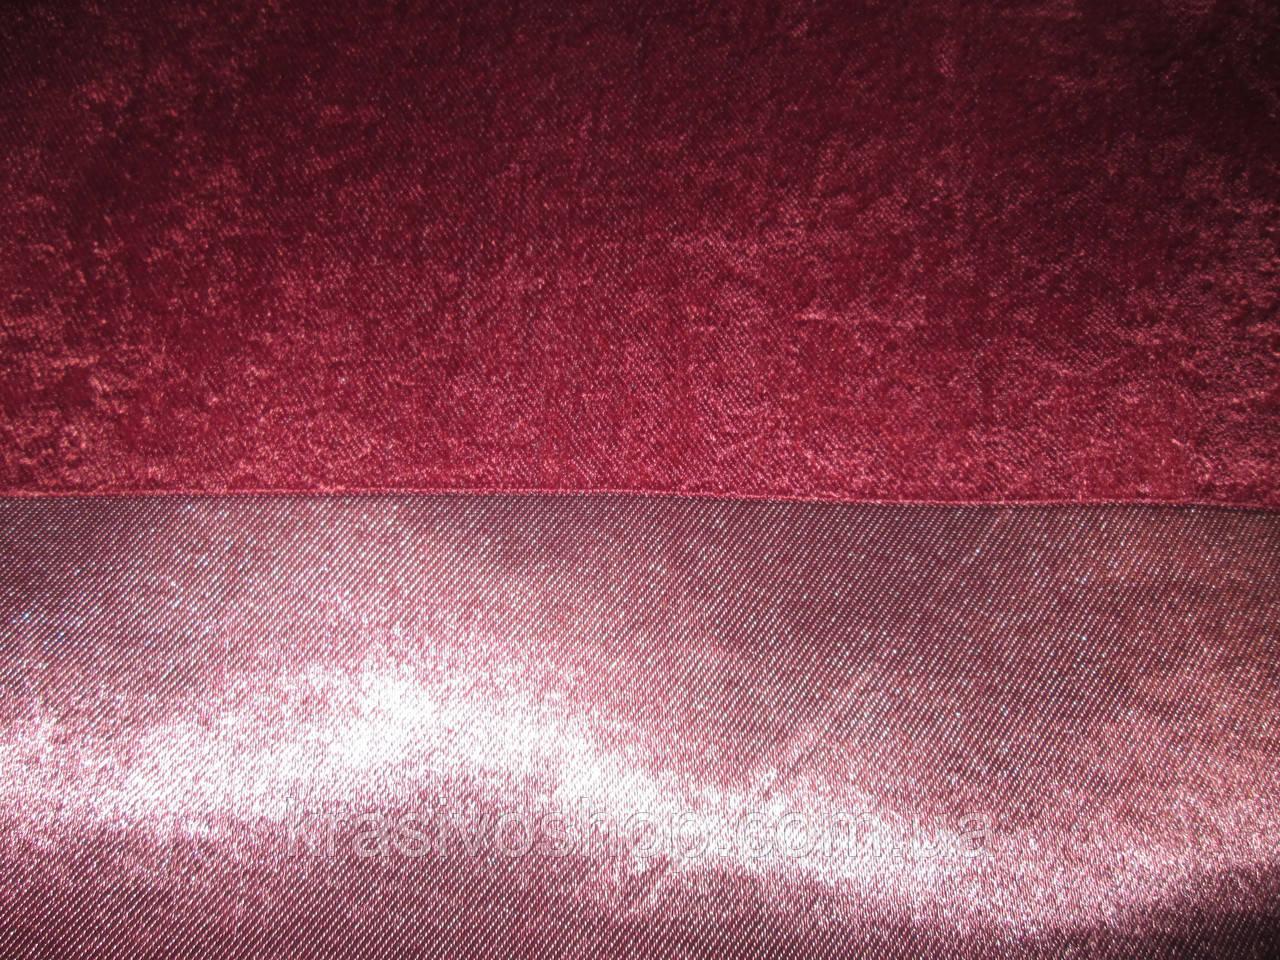 Ткань  блекаут полоса бордо№15  высота 2.8м